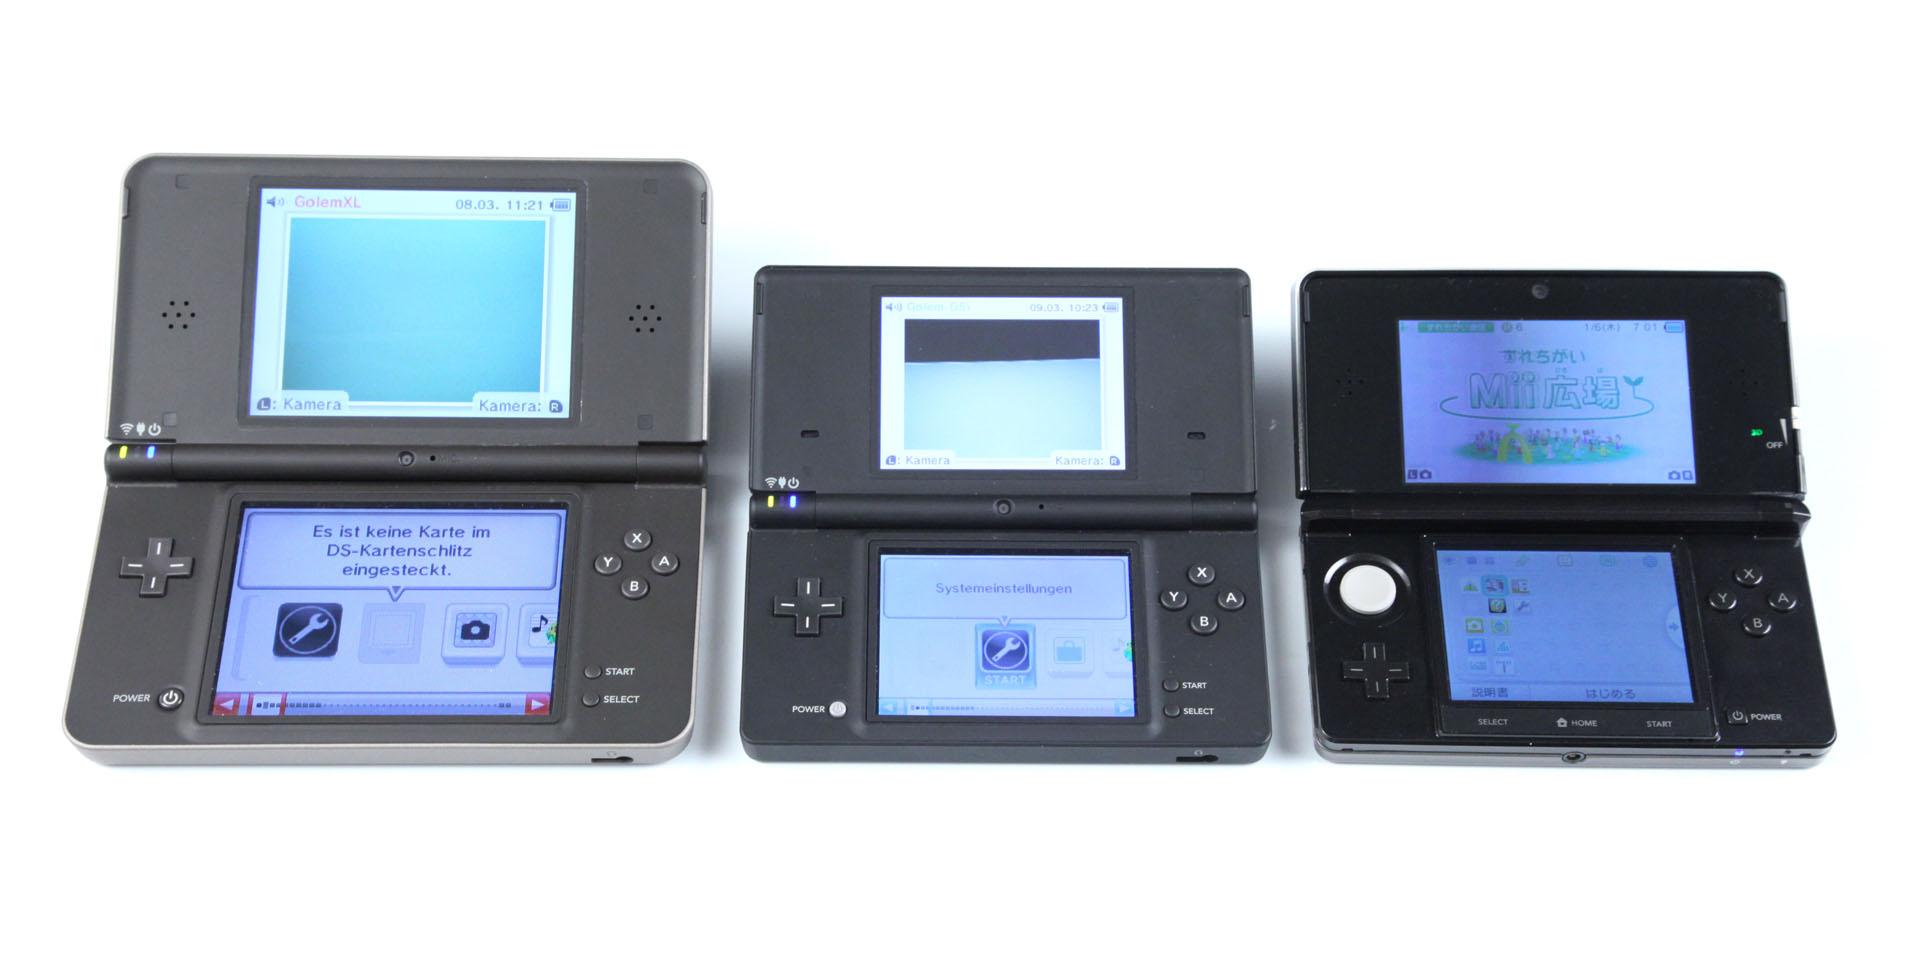 3DS: Nintendos Neuer im Importtest - Von links nach rechts: DSi XL, DSi, 3DS (Foto: mw)